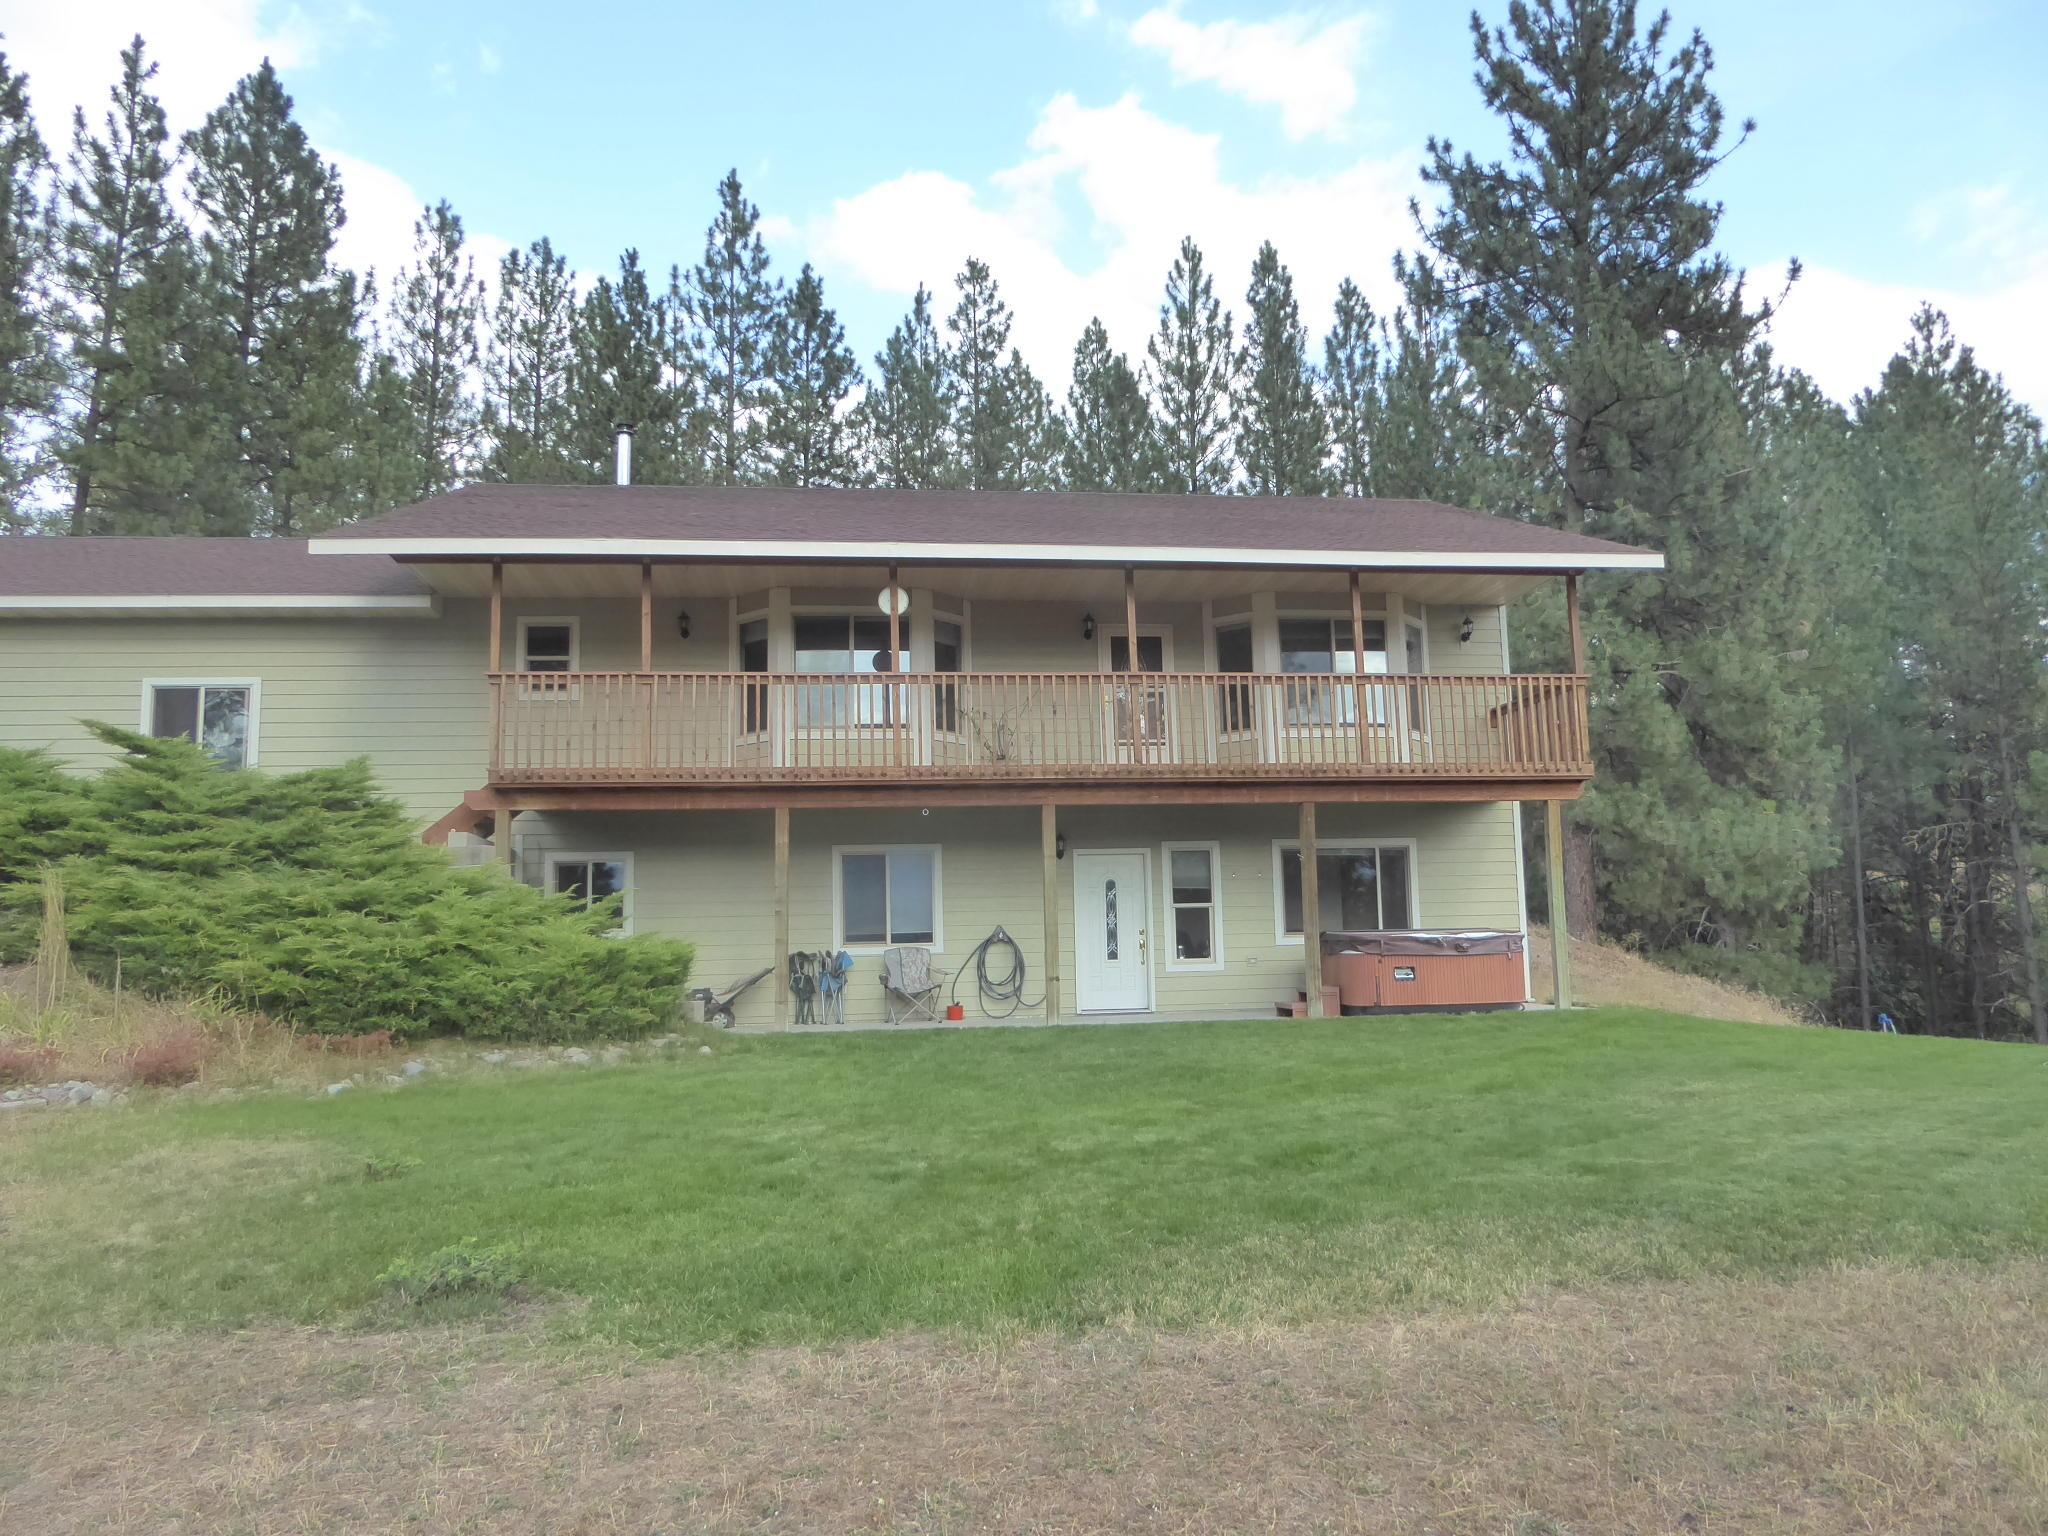 38 Old Hicks Road, Plains, MT 59859